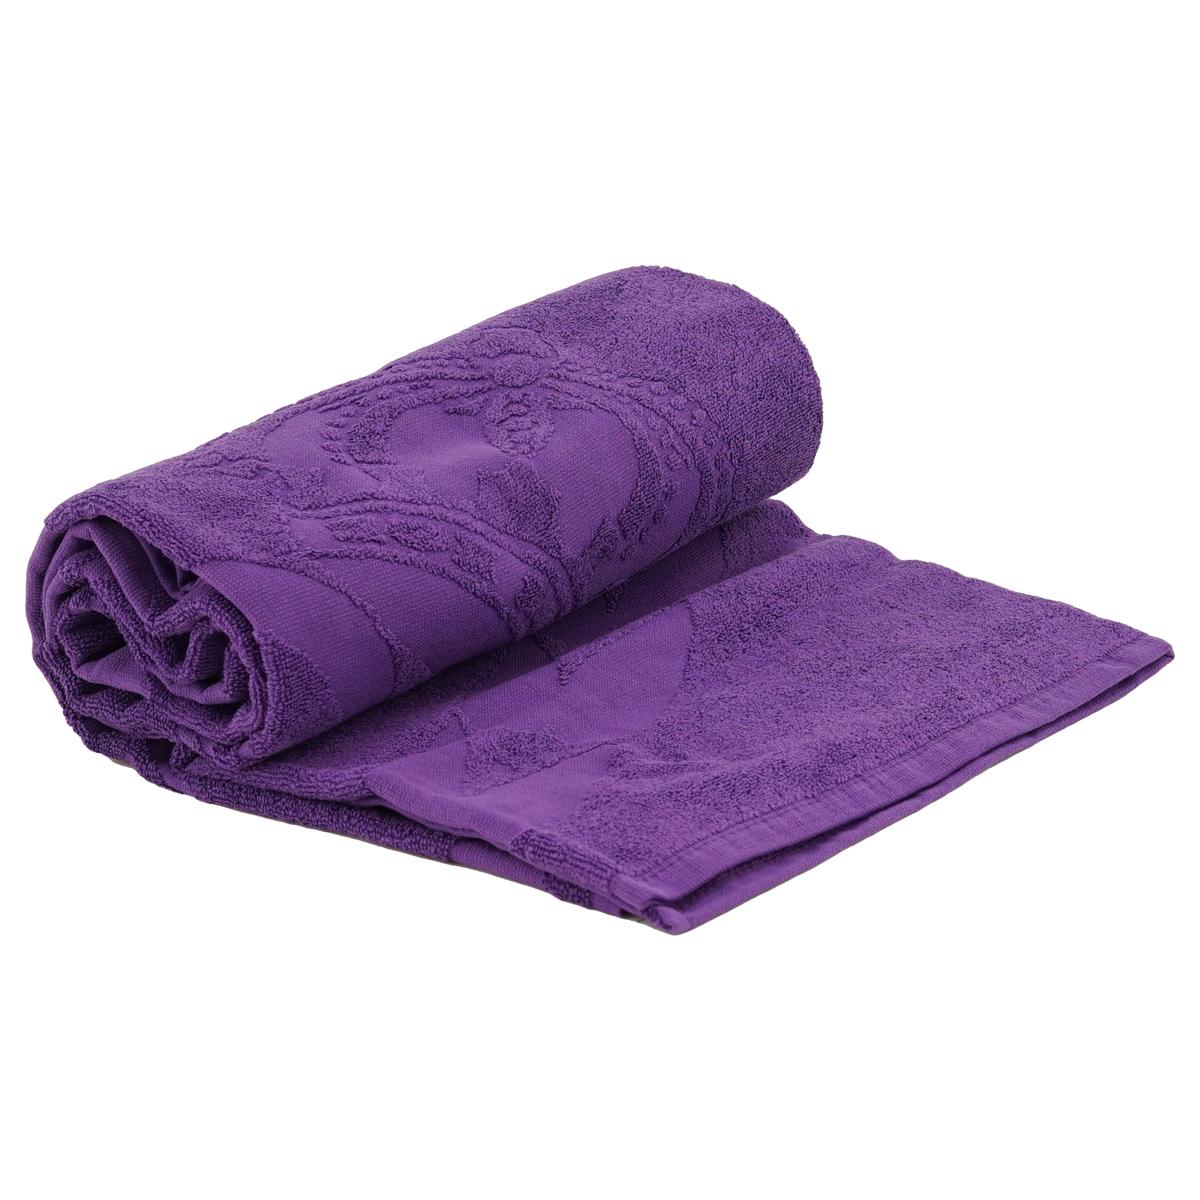 RSCA Towel